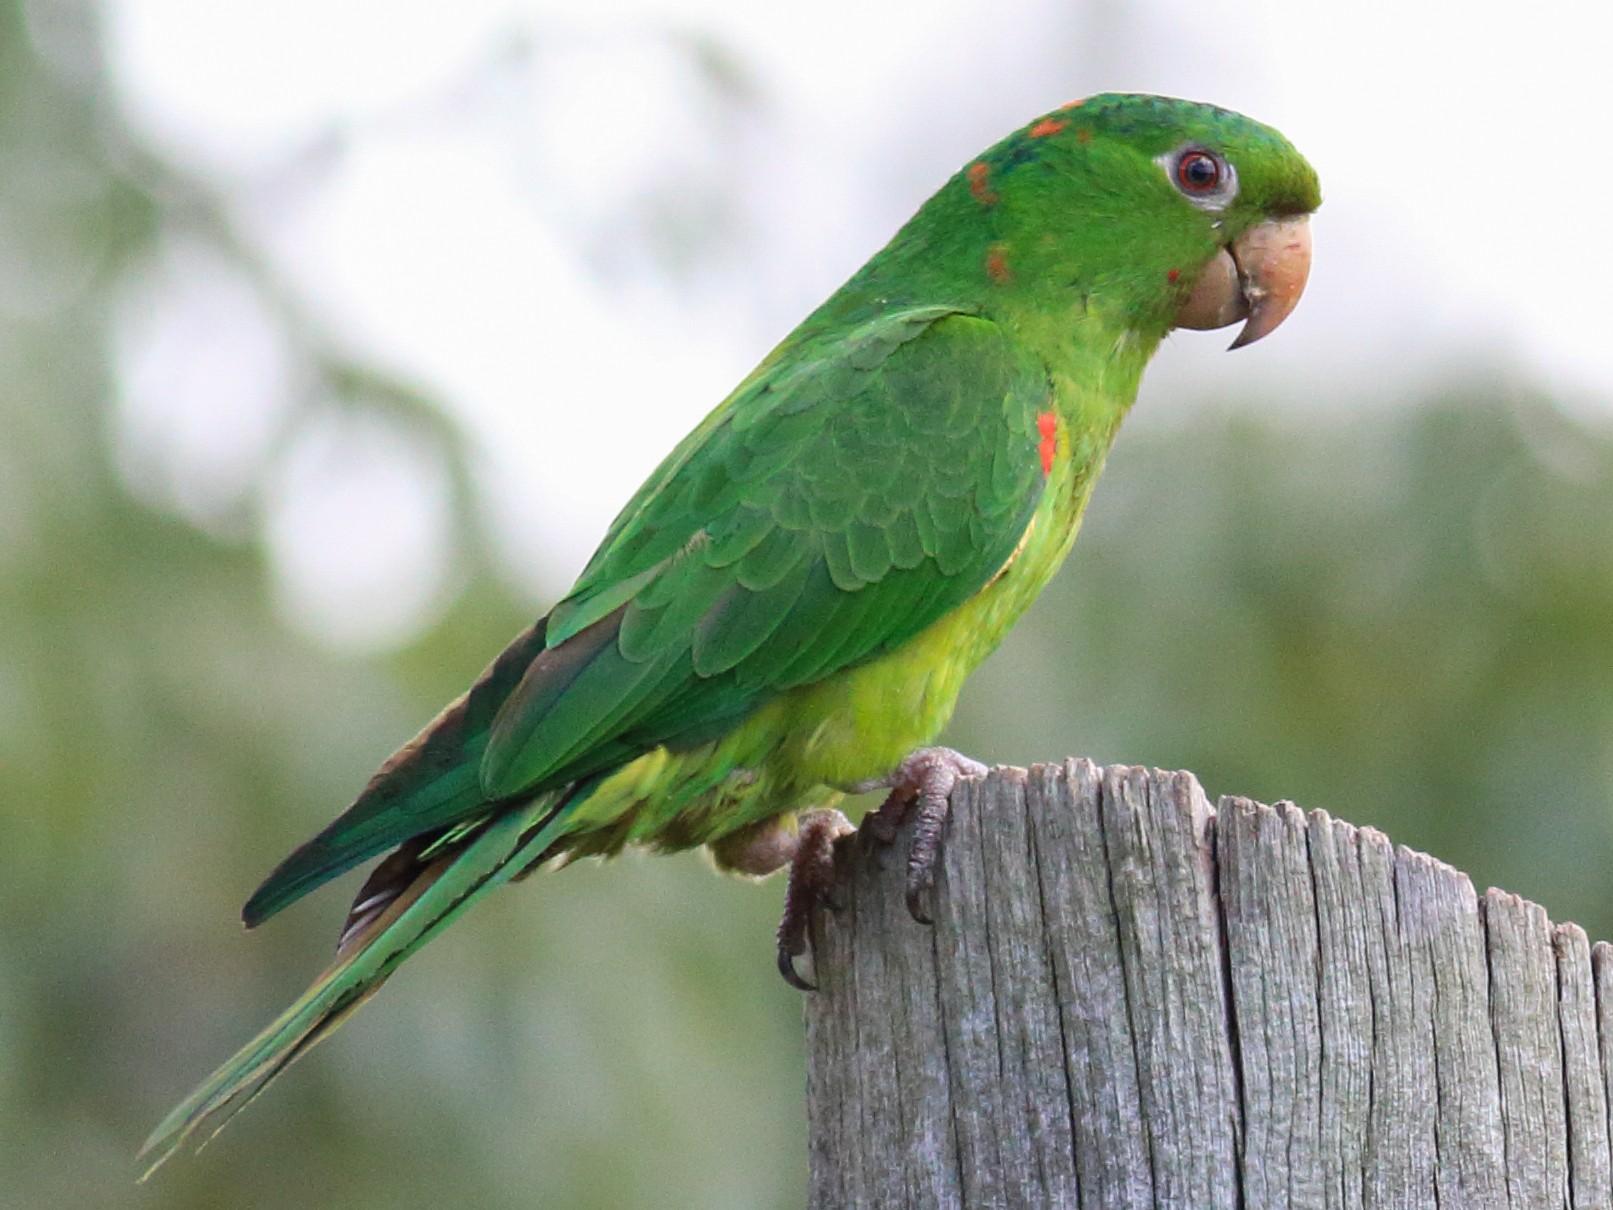 White-eyed Parakeet - Rick Folkening